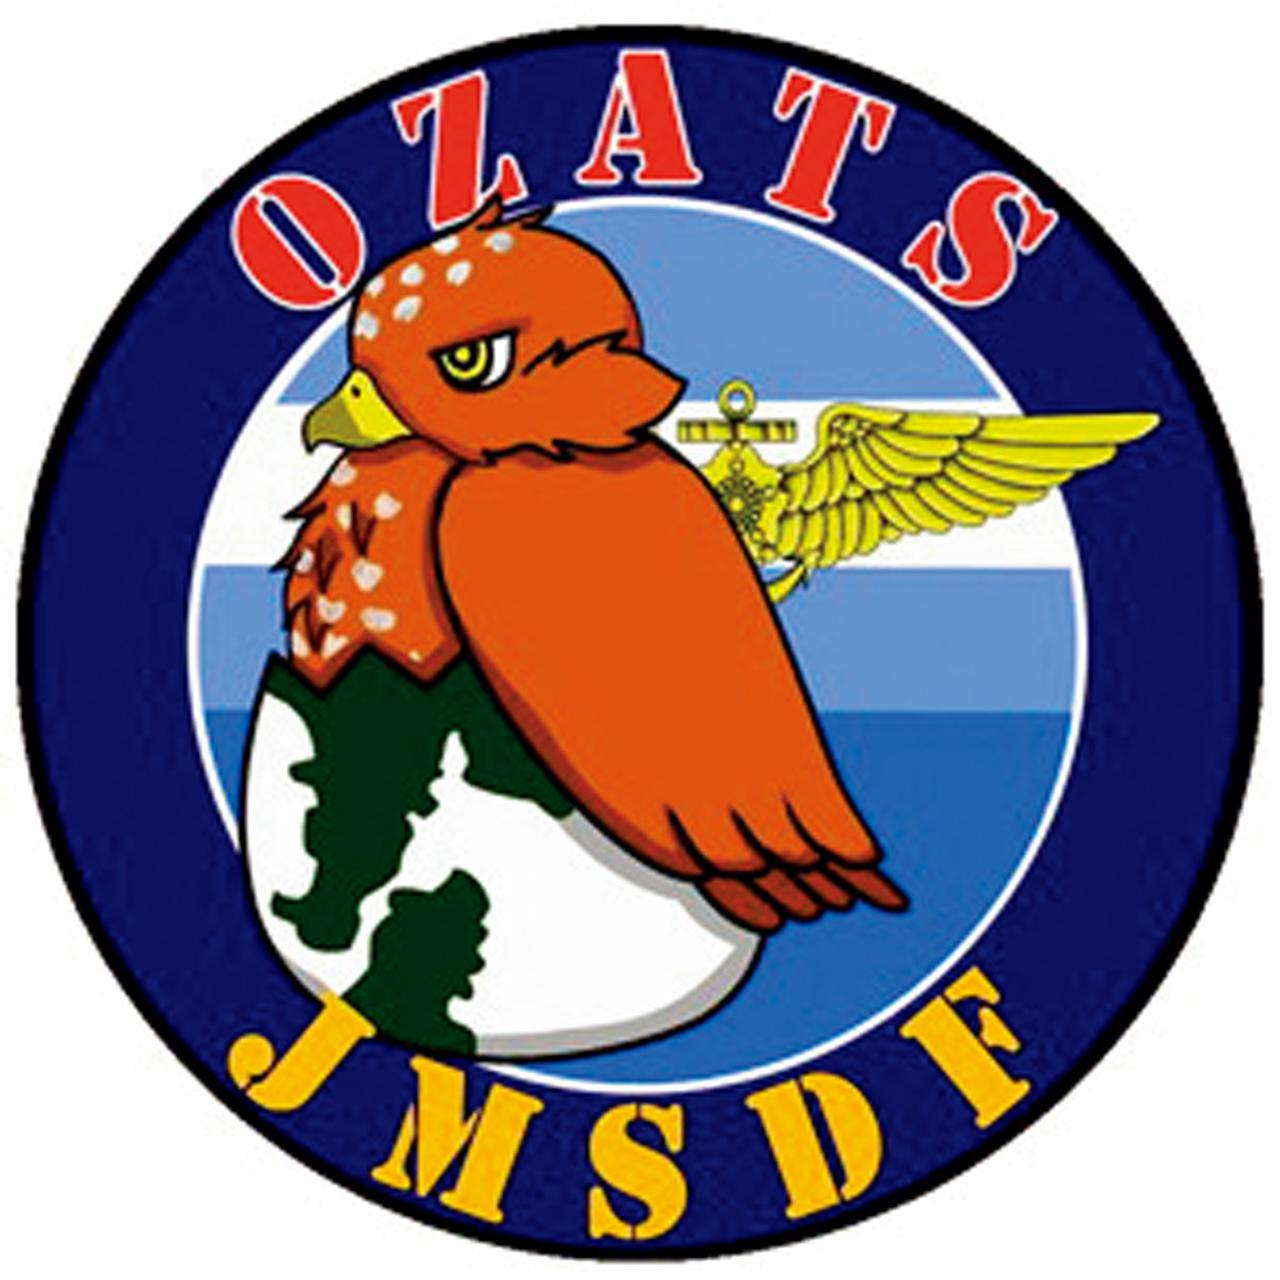 画像: 2015年に新しくなった小月教育航空隊の部隊章(スコードロン・マーク)。卵の殻を破り、海鷲の幼鳥が立っている